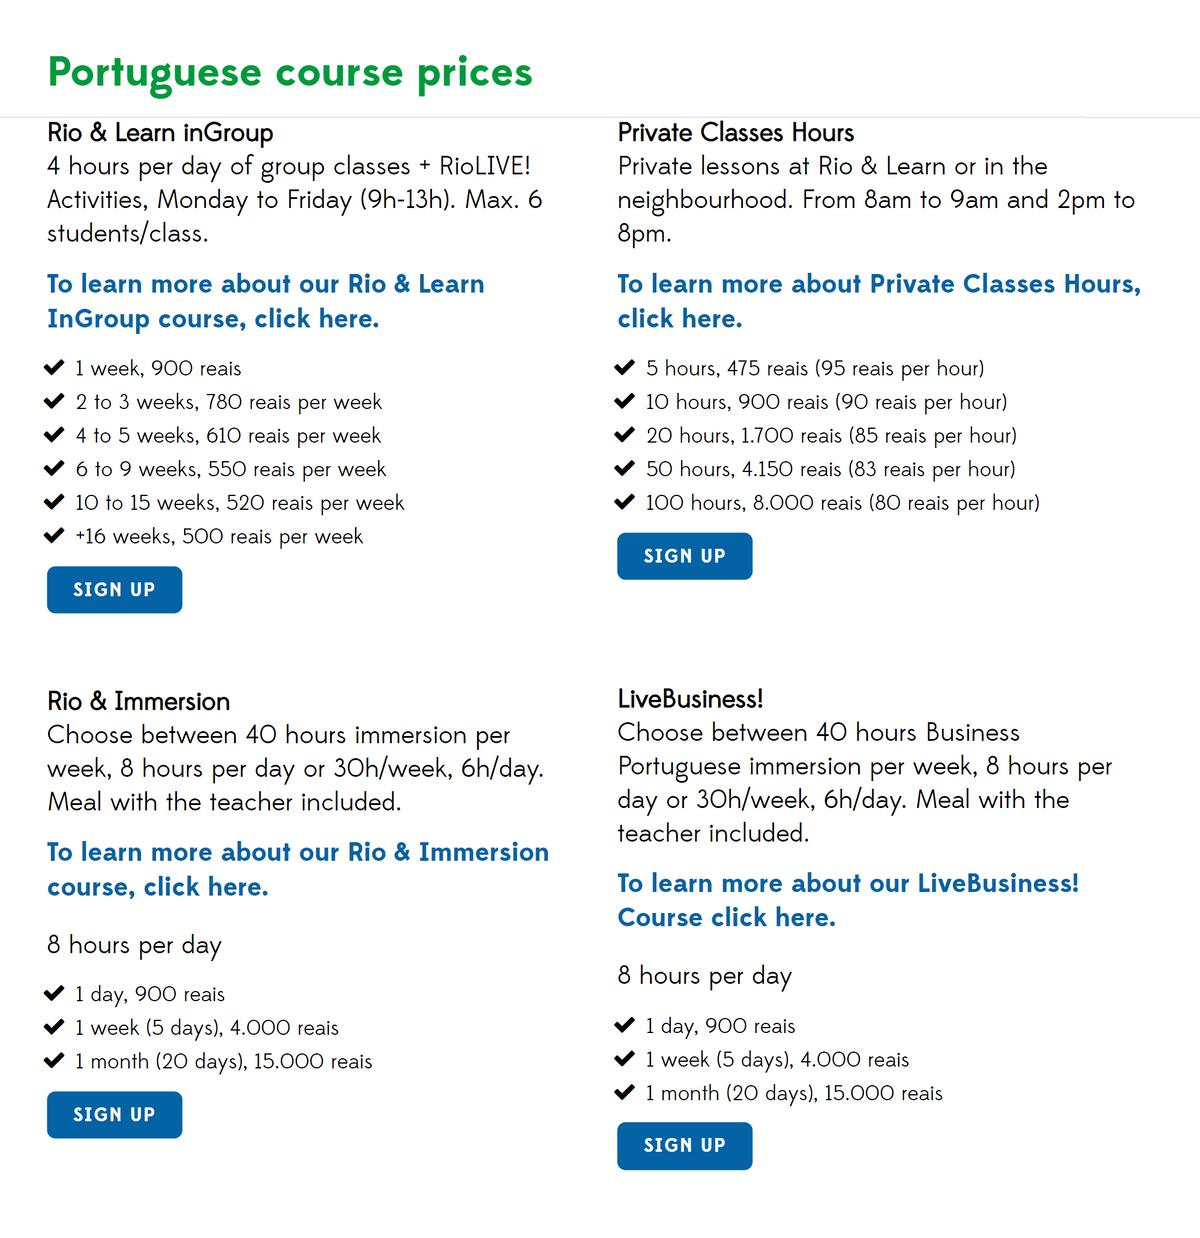 Стоимость курсов вчастной школе Rio andLearn зависит отдлительности учебы: чем дольше вы учитесь, тем дешевле стоит неделя иличас занятий